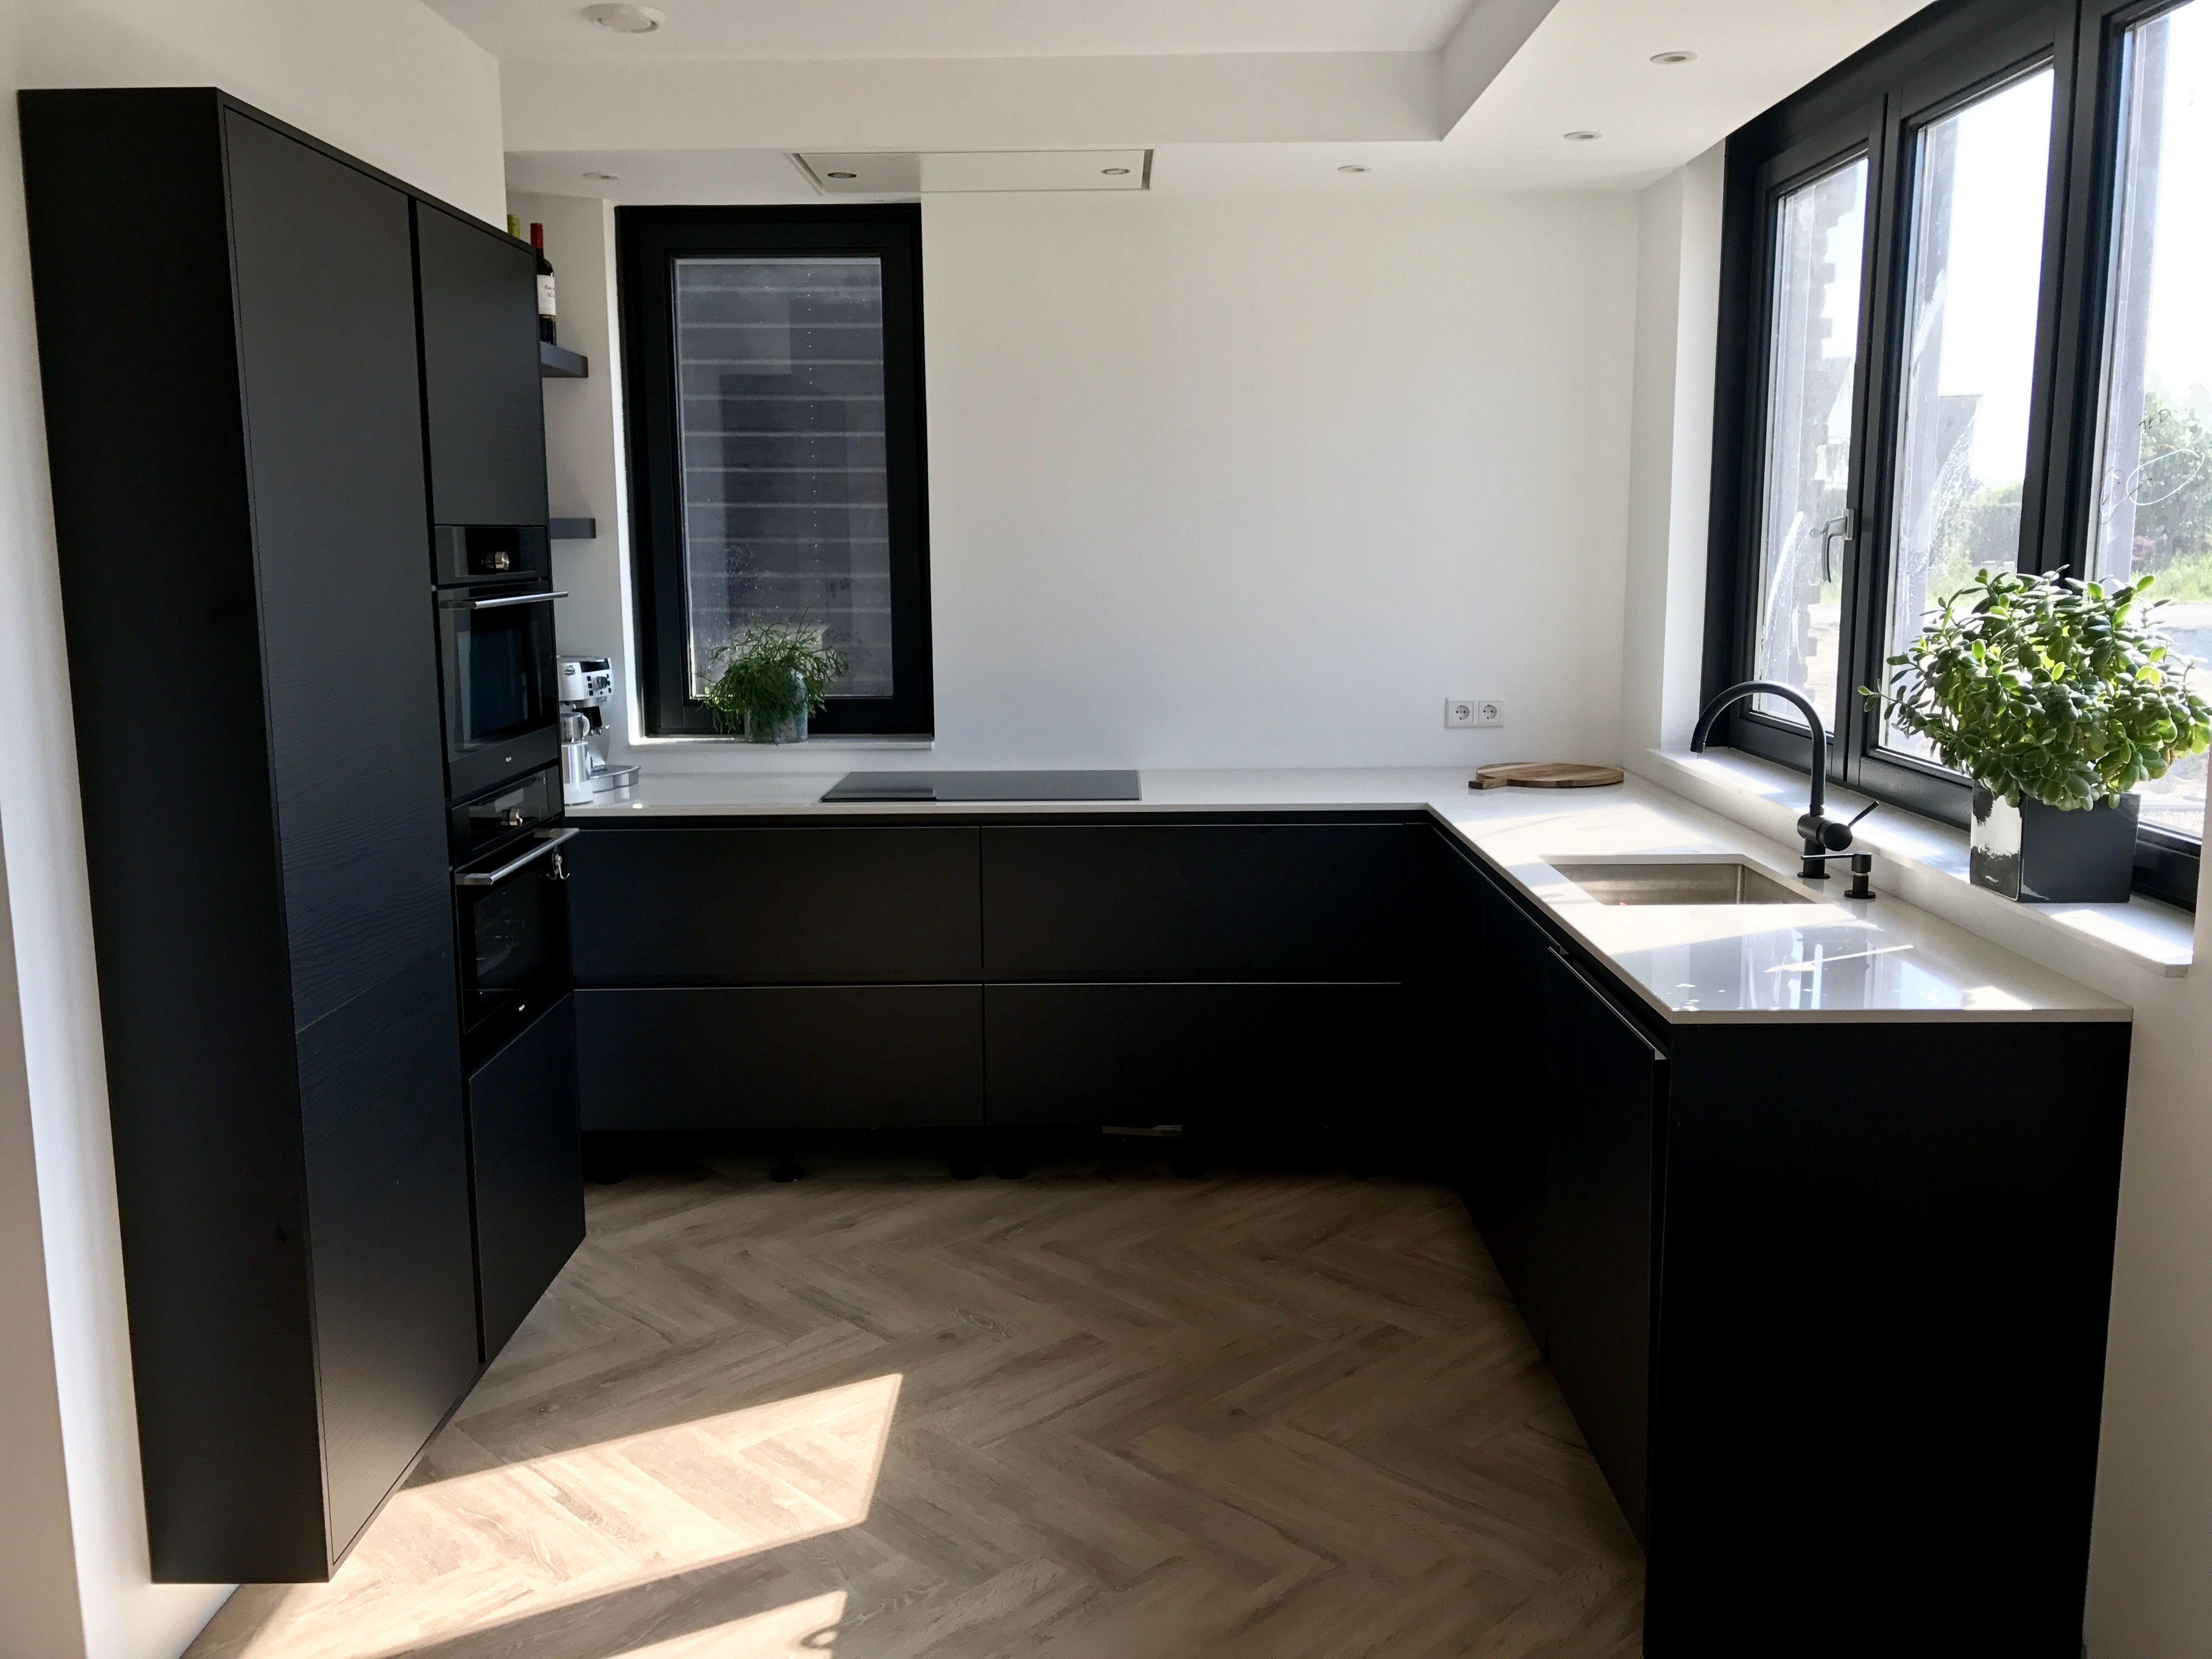 Zwarte keuken met pvc vloer visgraat vivafloors kitchen project